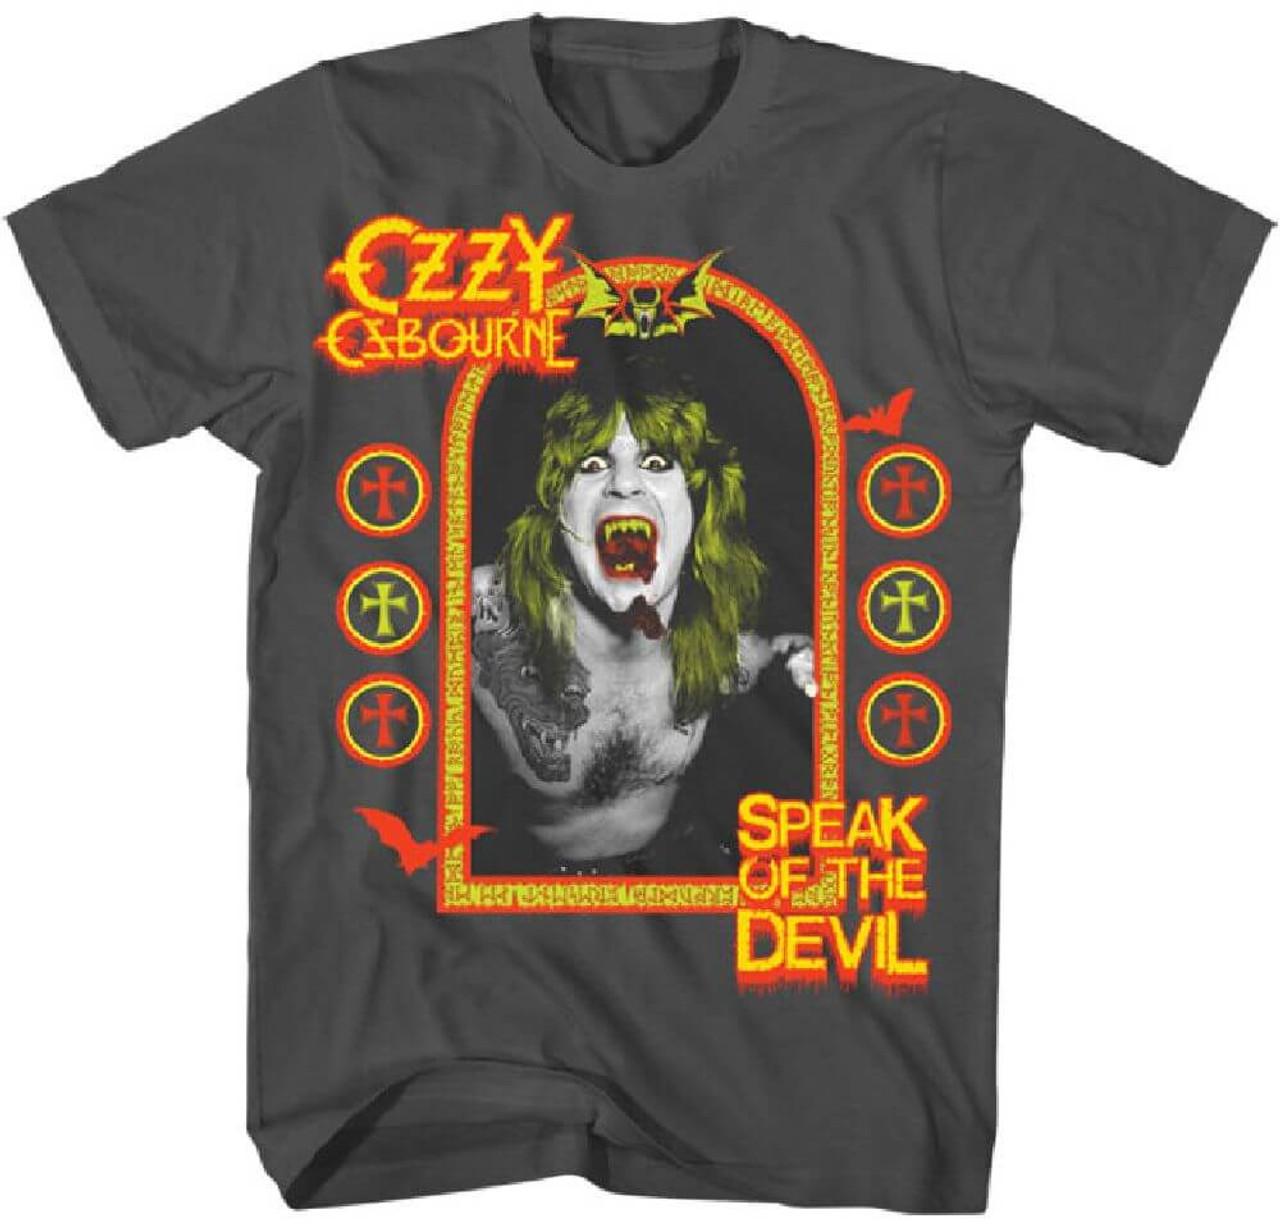 359269bad Ozzy Osbourne Speak of the Devil Album Cover Artwork Men's Gray T-shirt